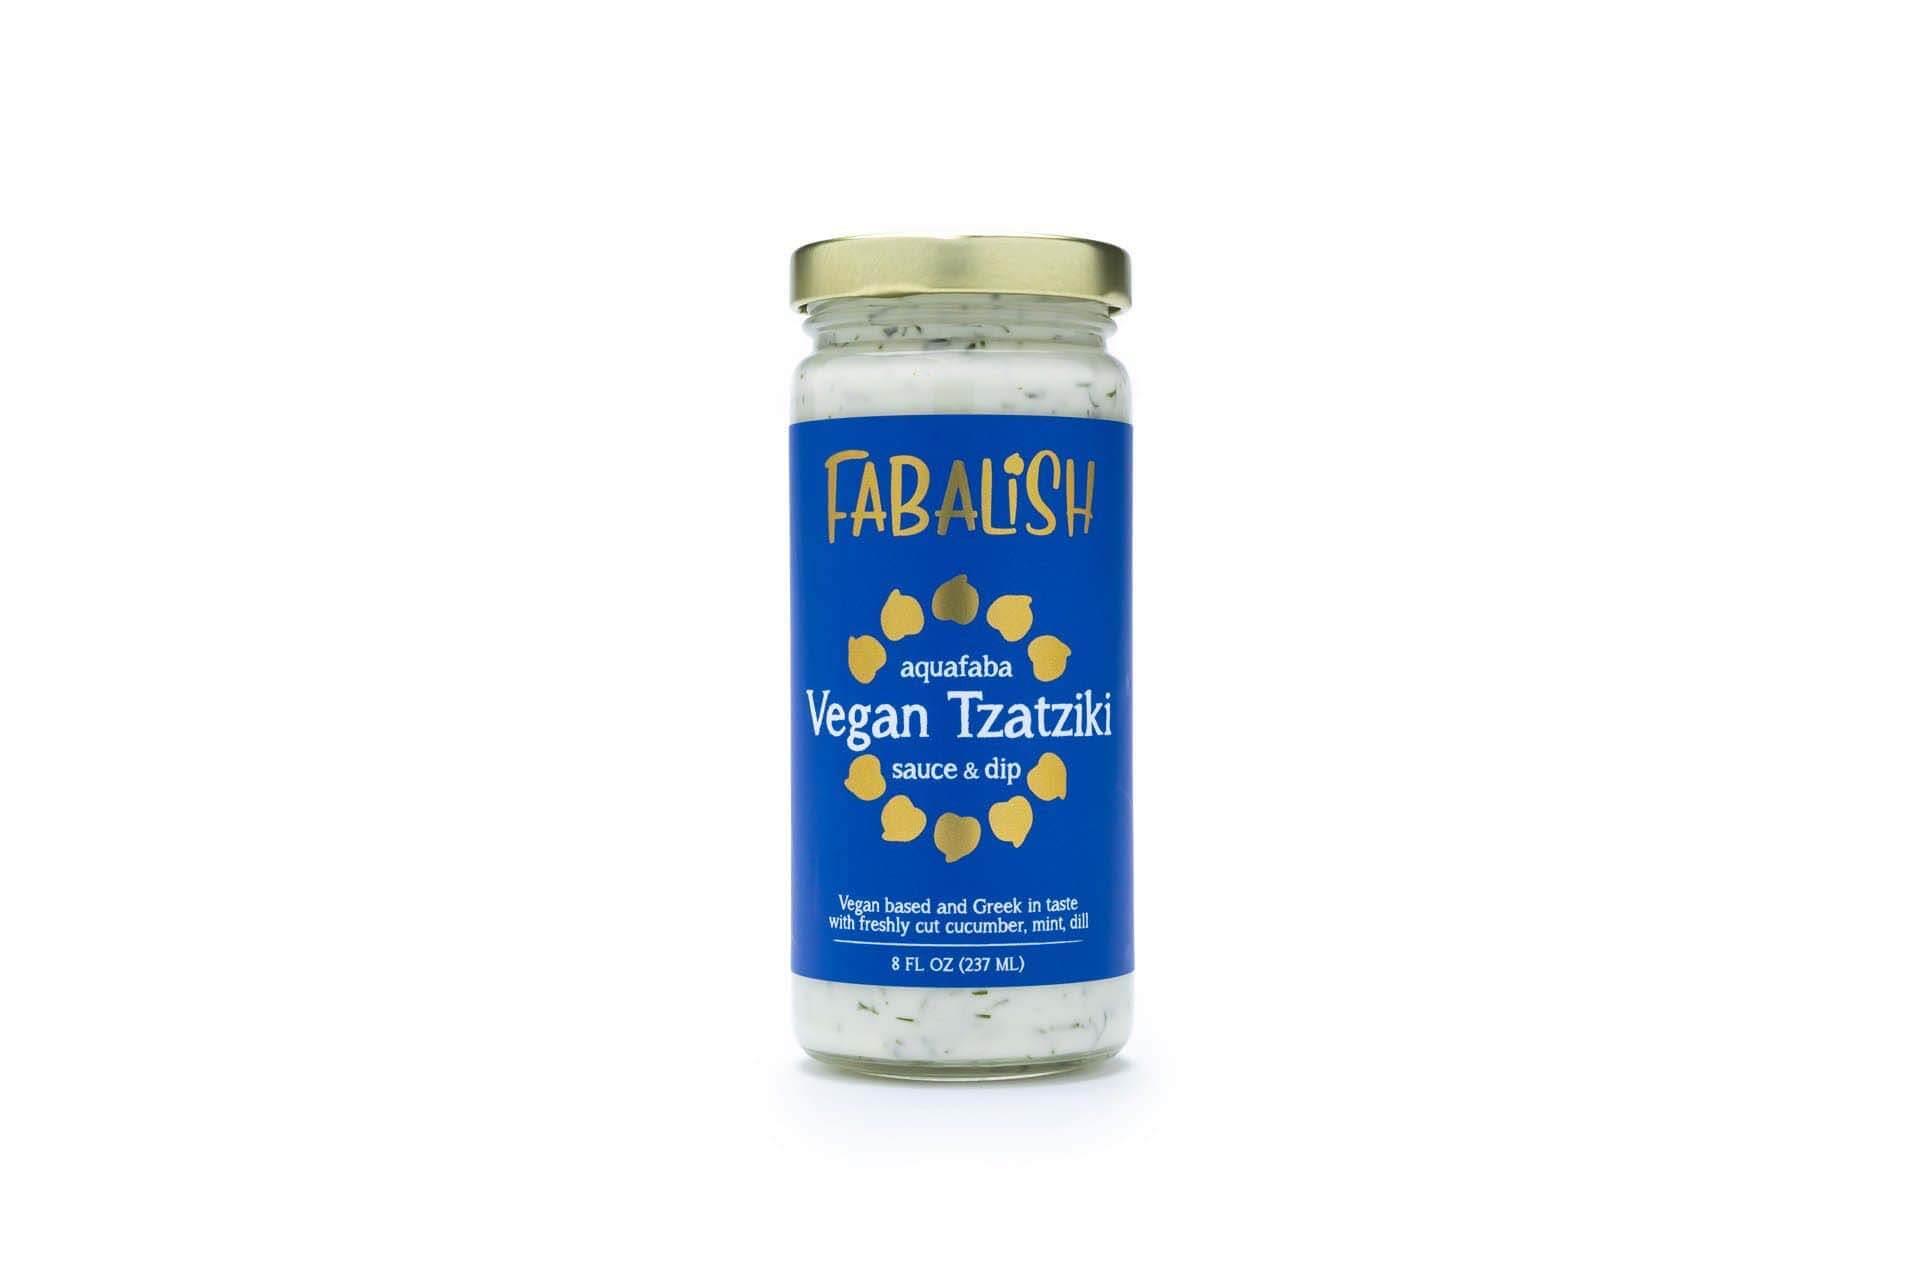 Fabalish